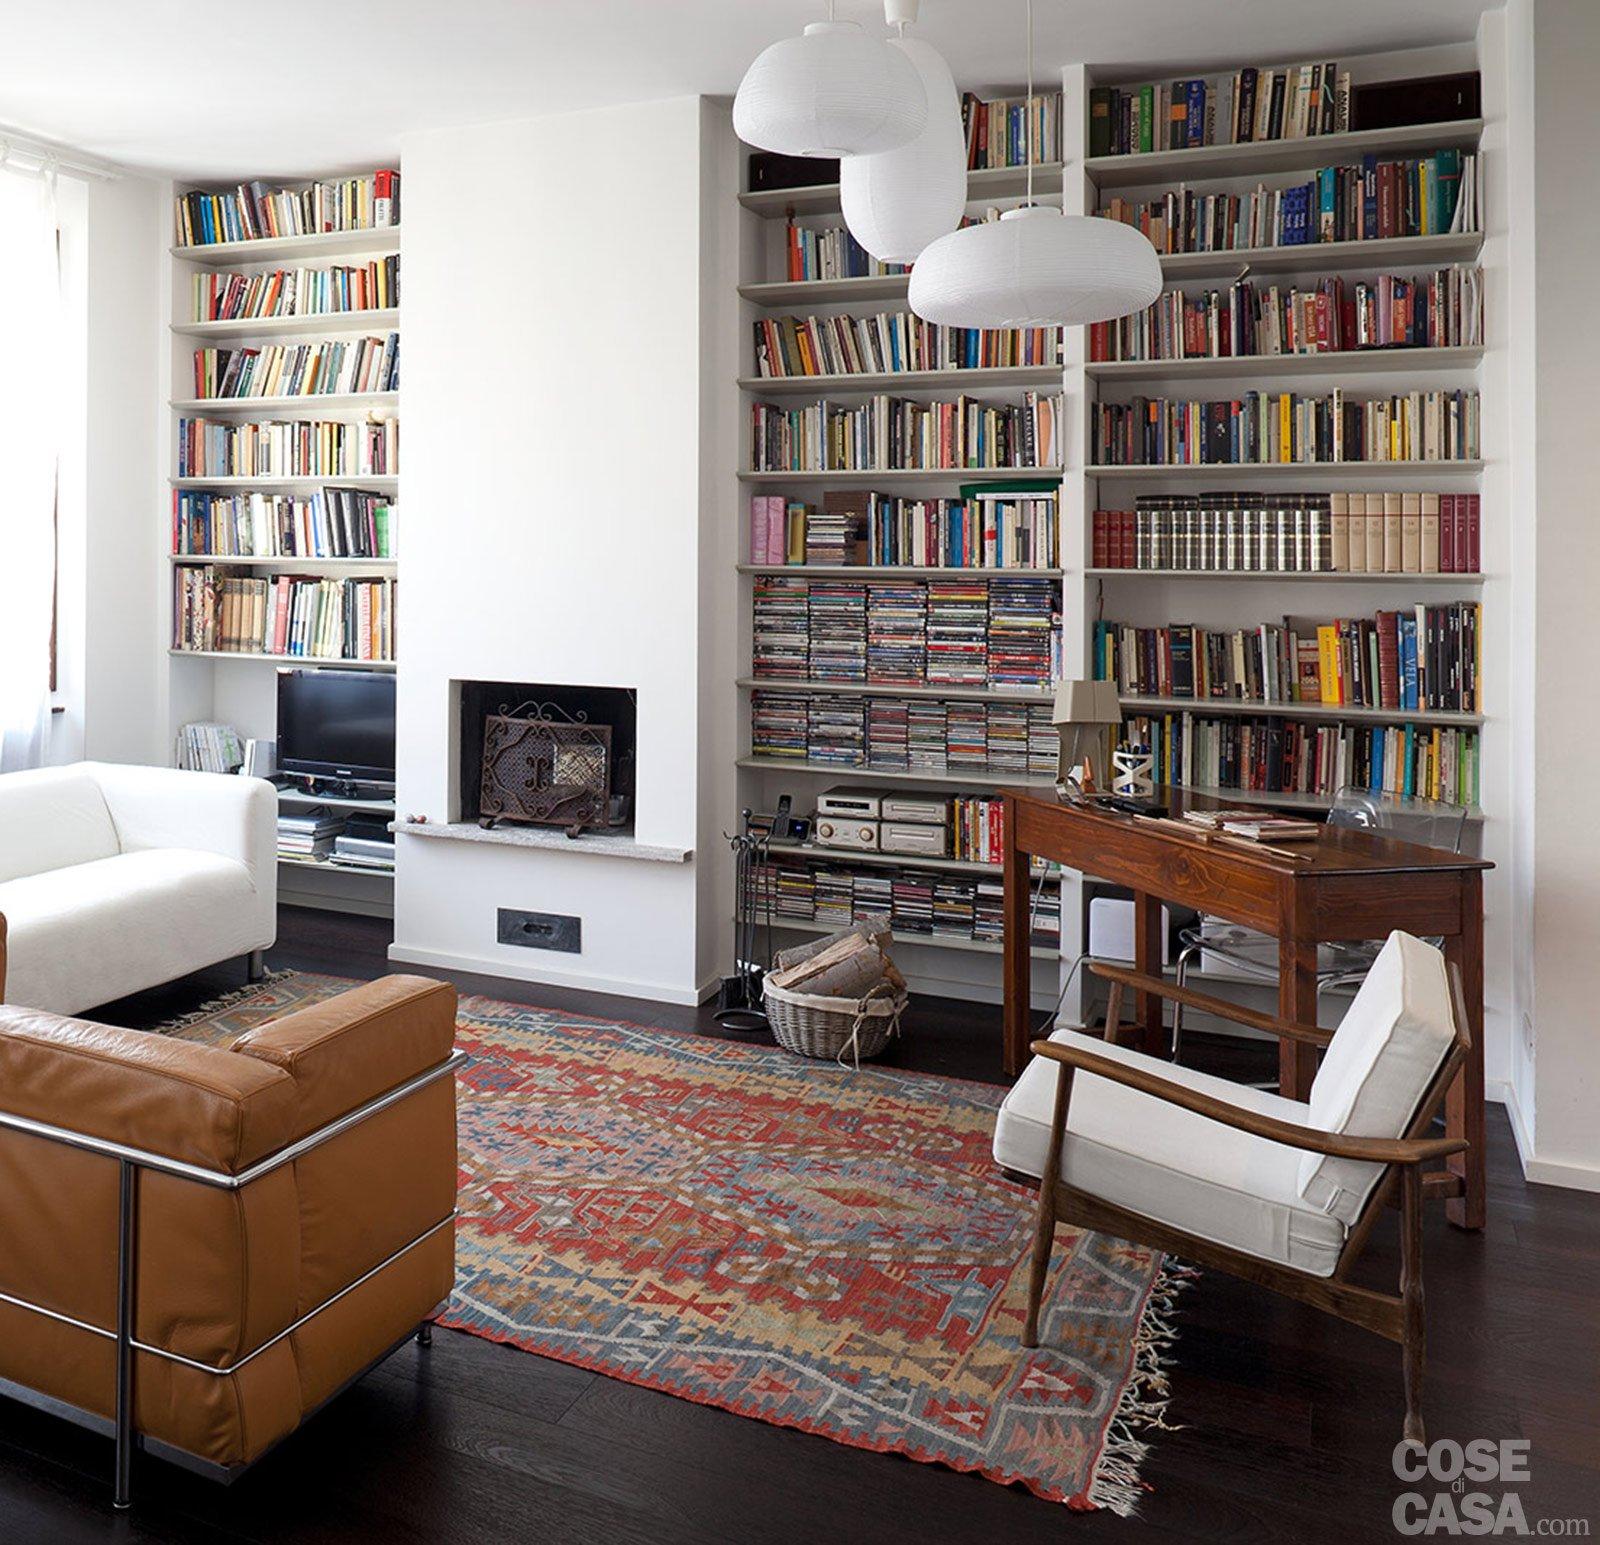 70 mq: la casa migliora così - cose di casa - Arredare Casa Libri